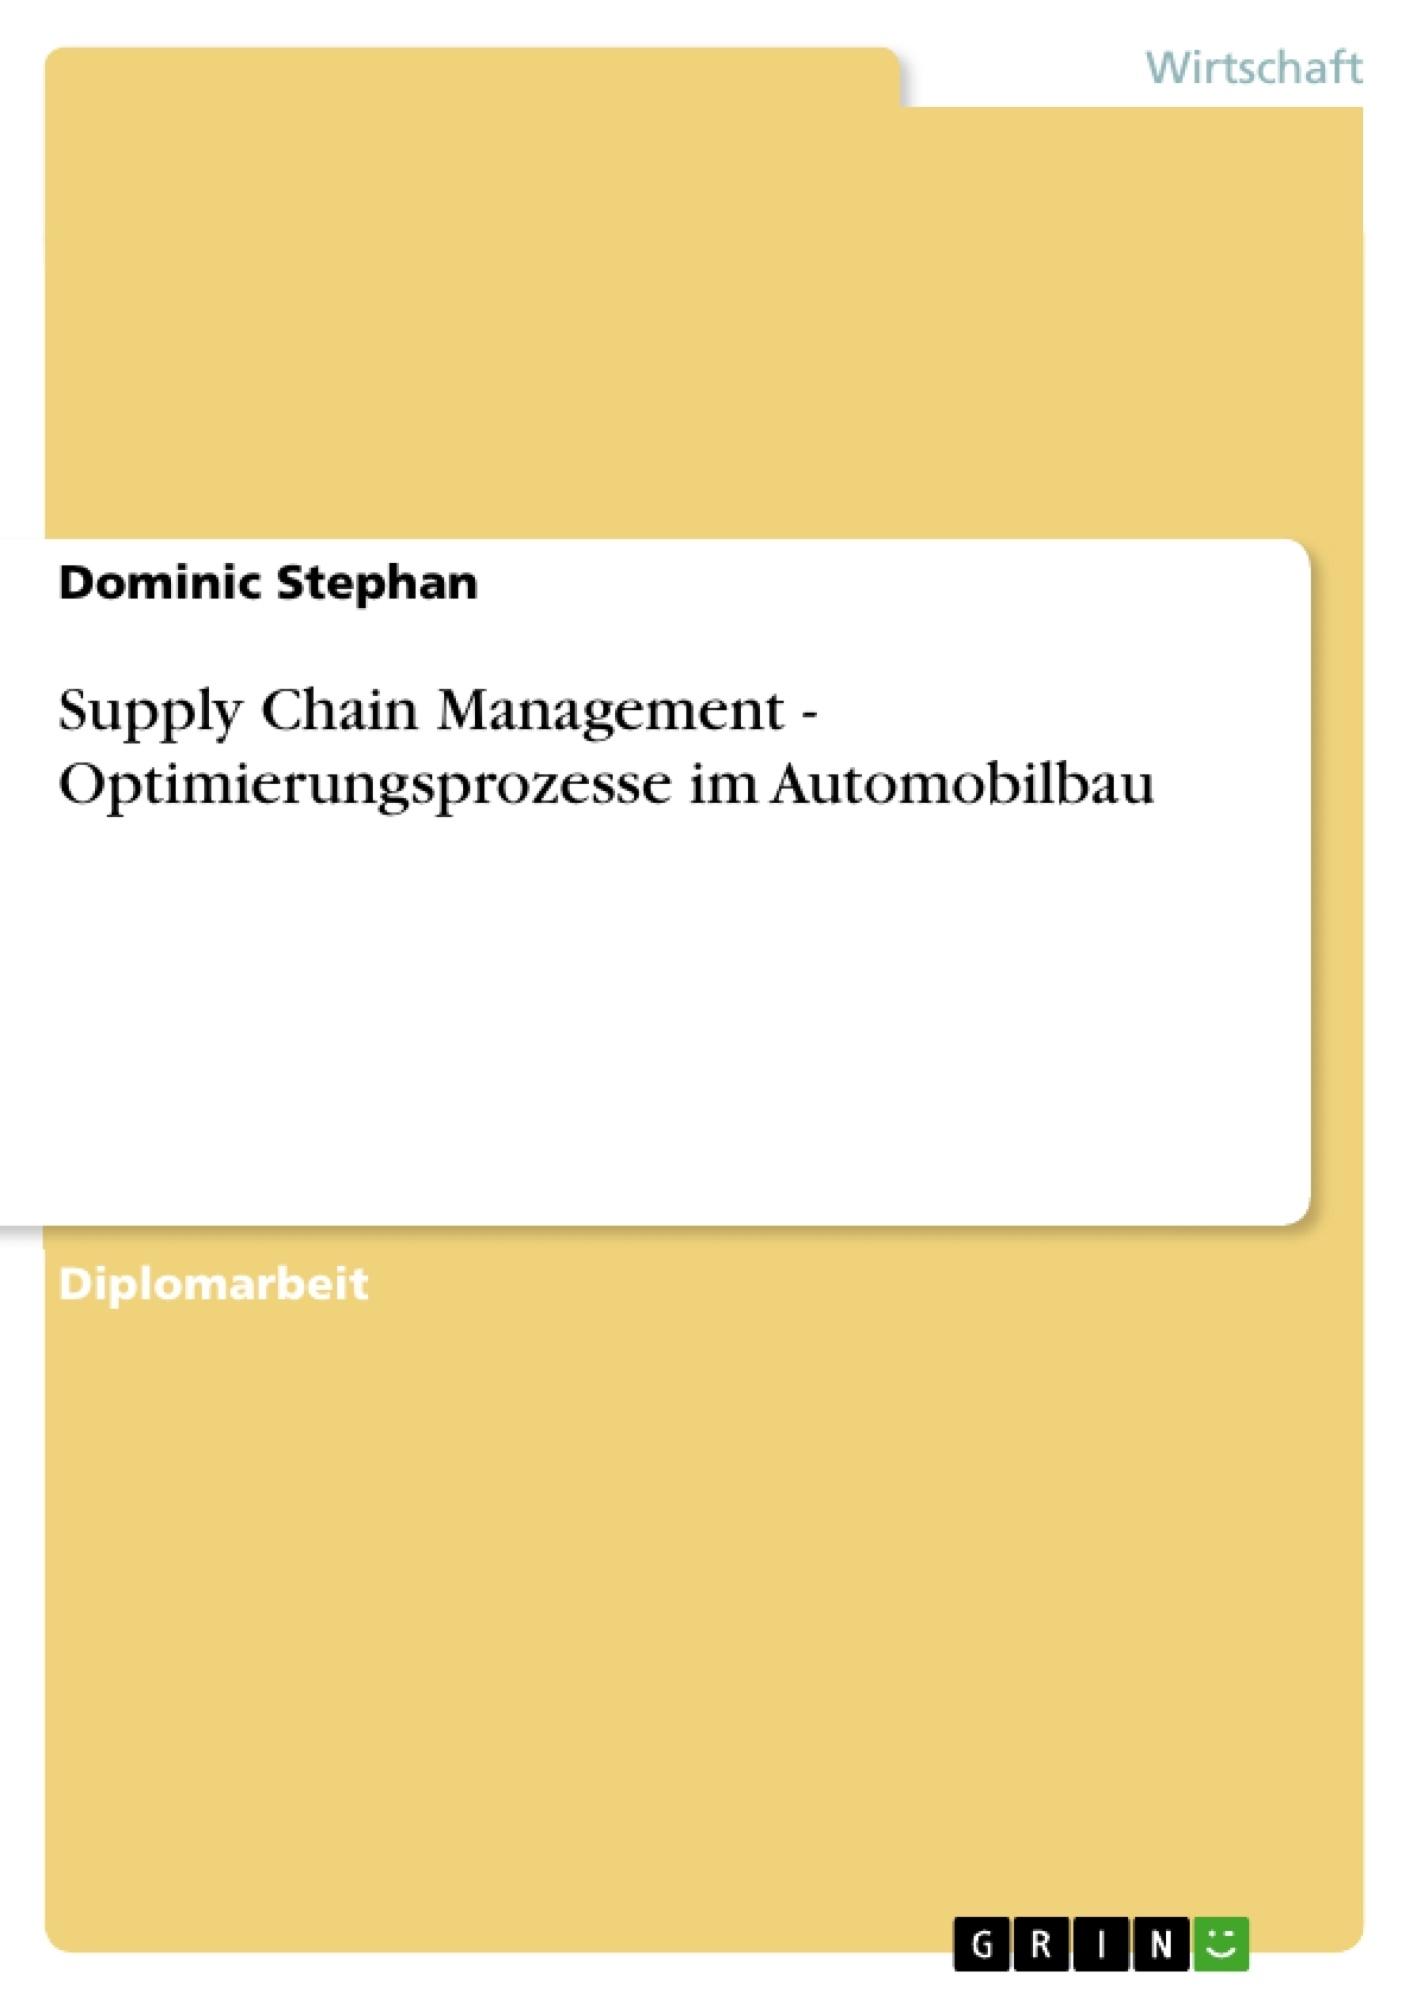 Titel: Supply Chain Management - Optimierungsprozesse im Automobilbau